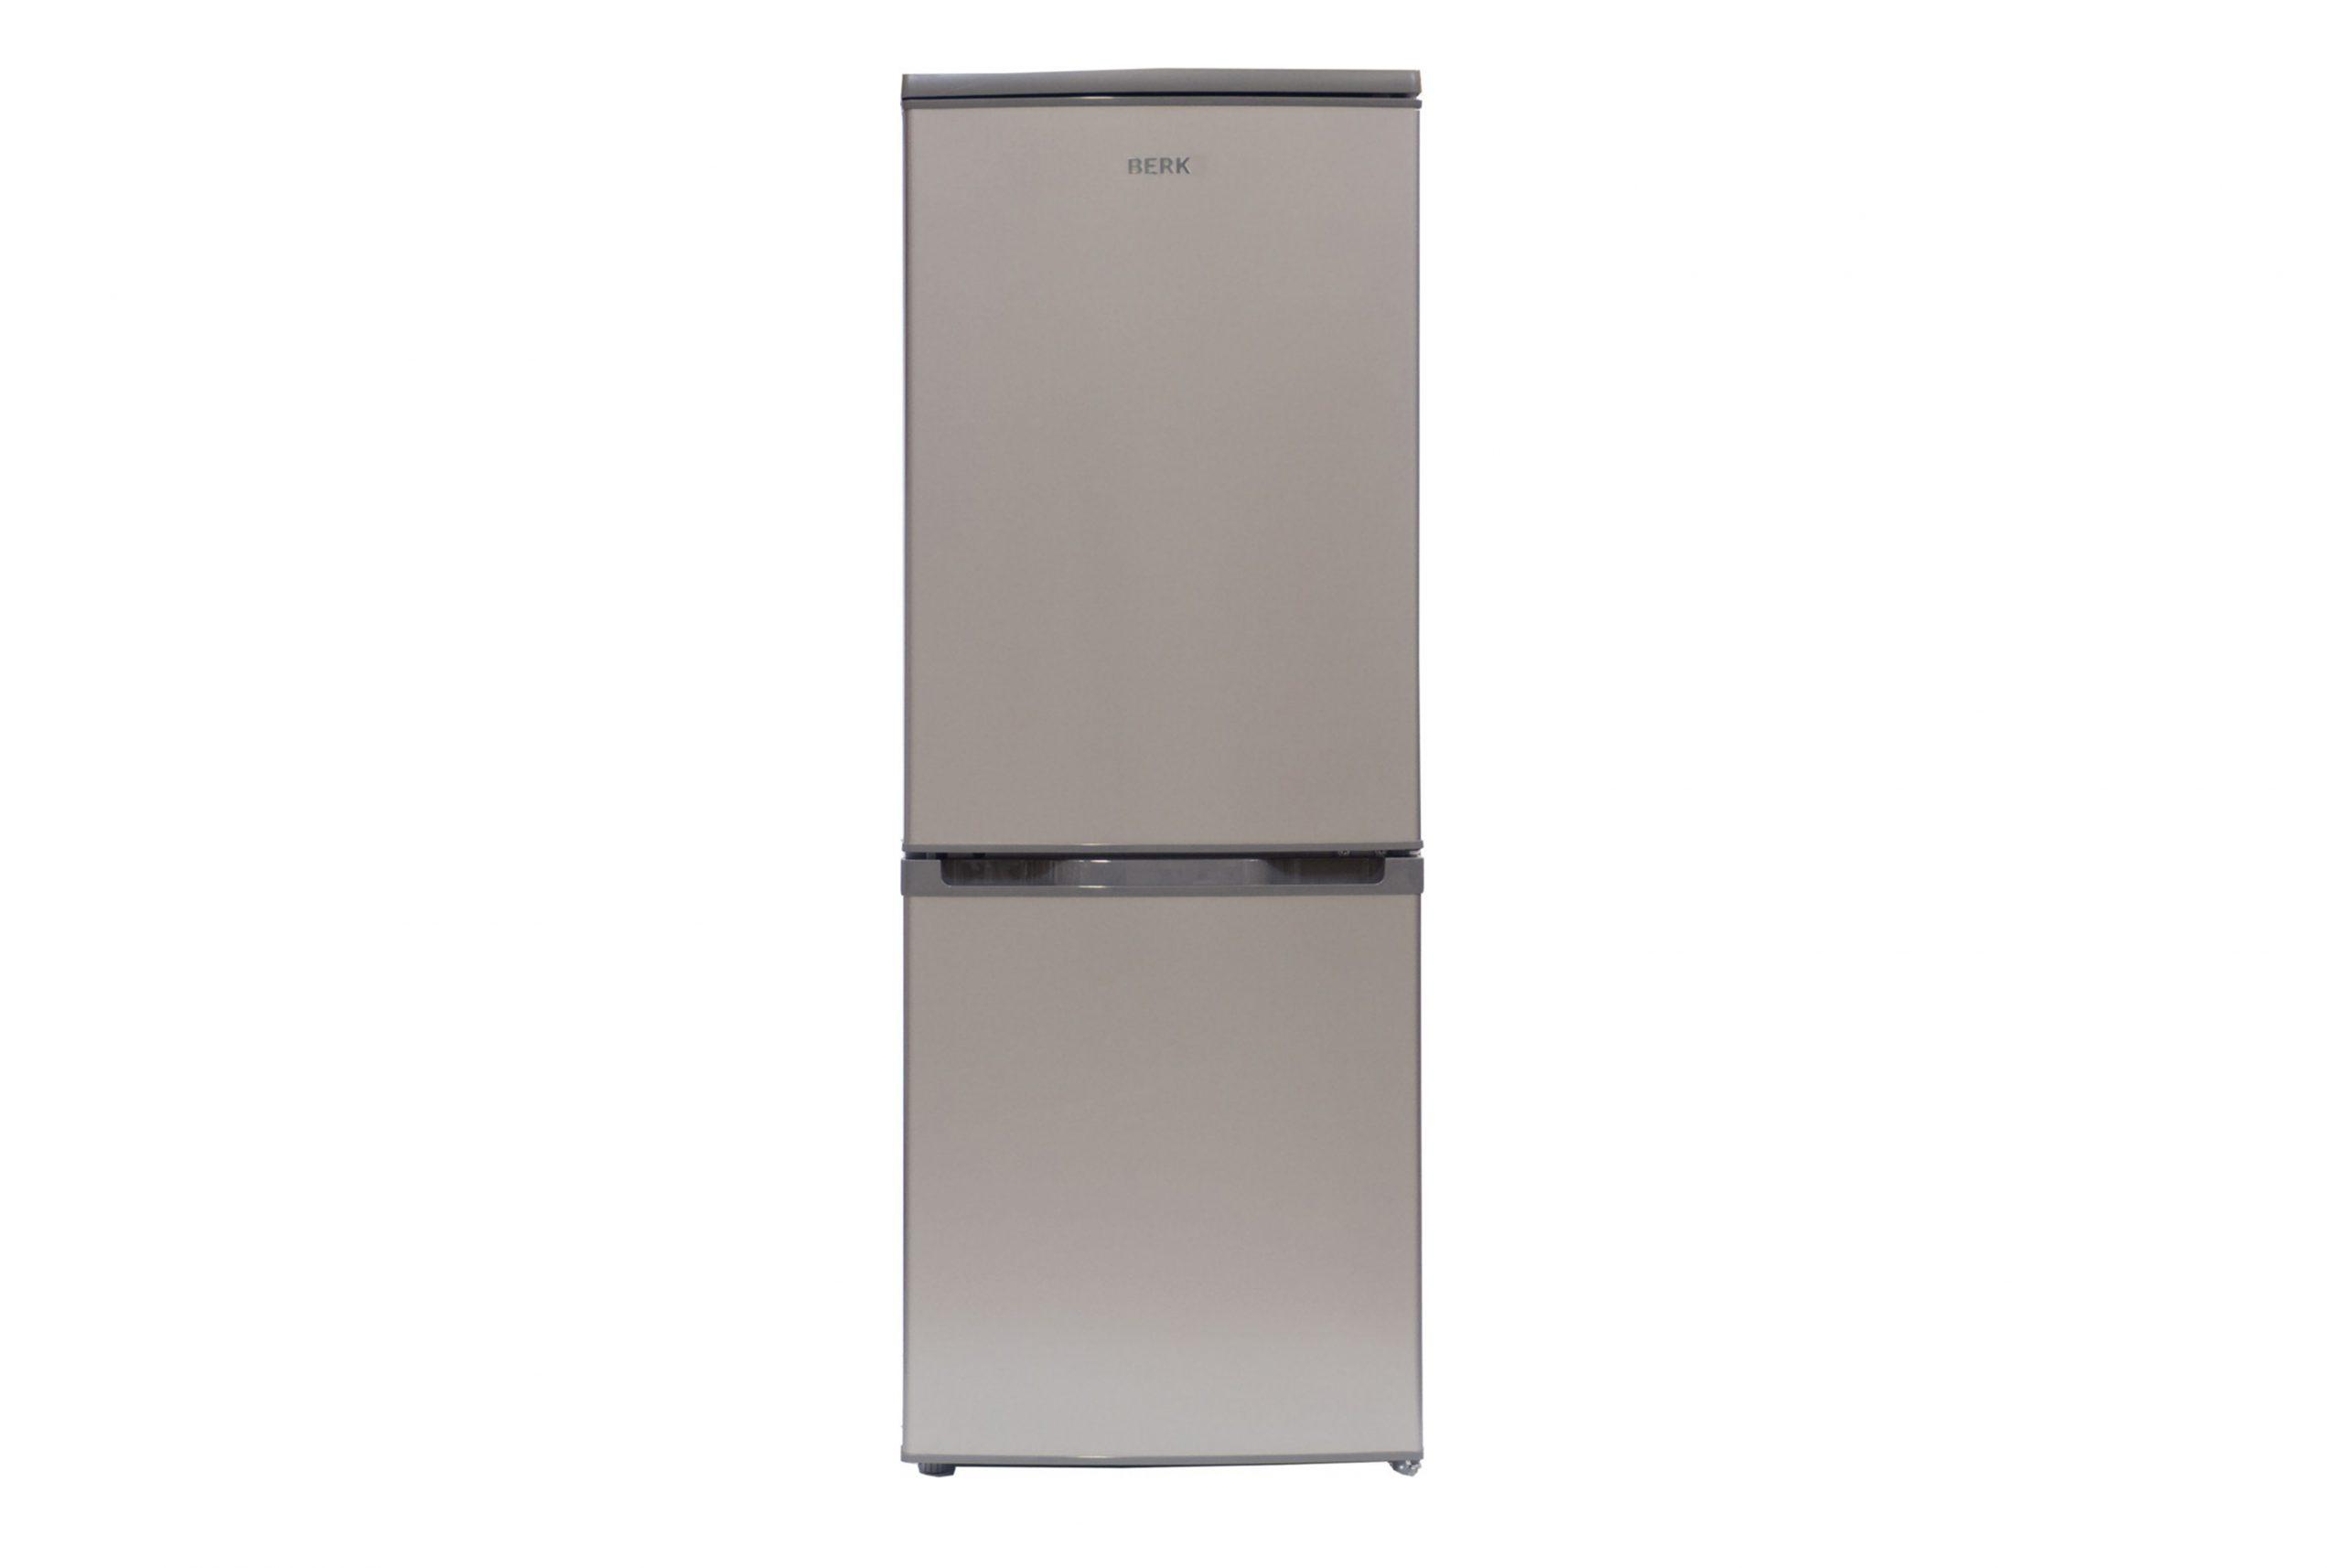 Laisvai pastatomas šaldytuvas Berk BK-208SAS A+